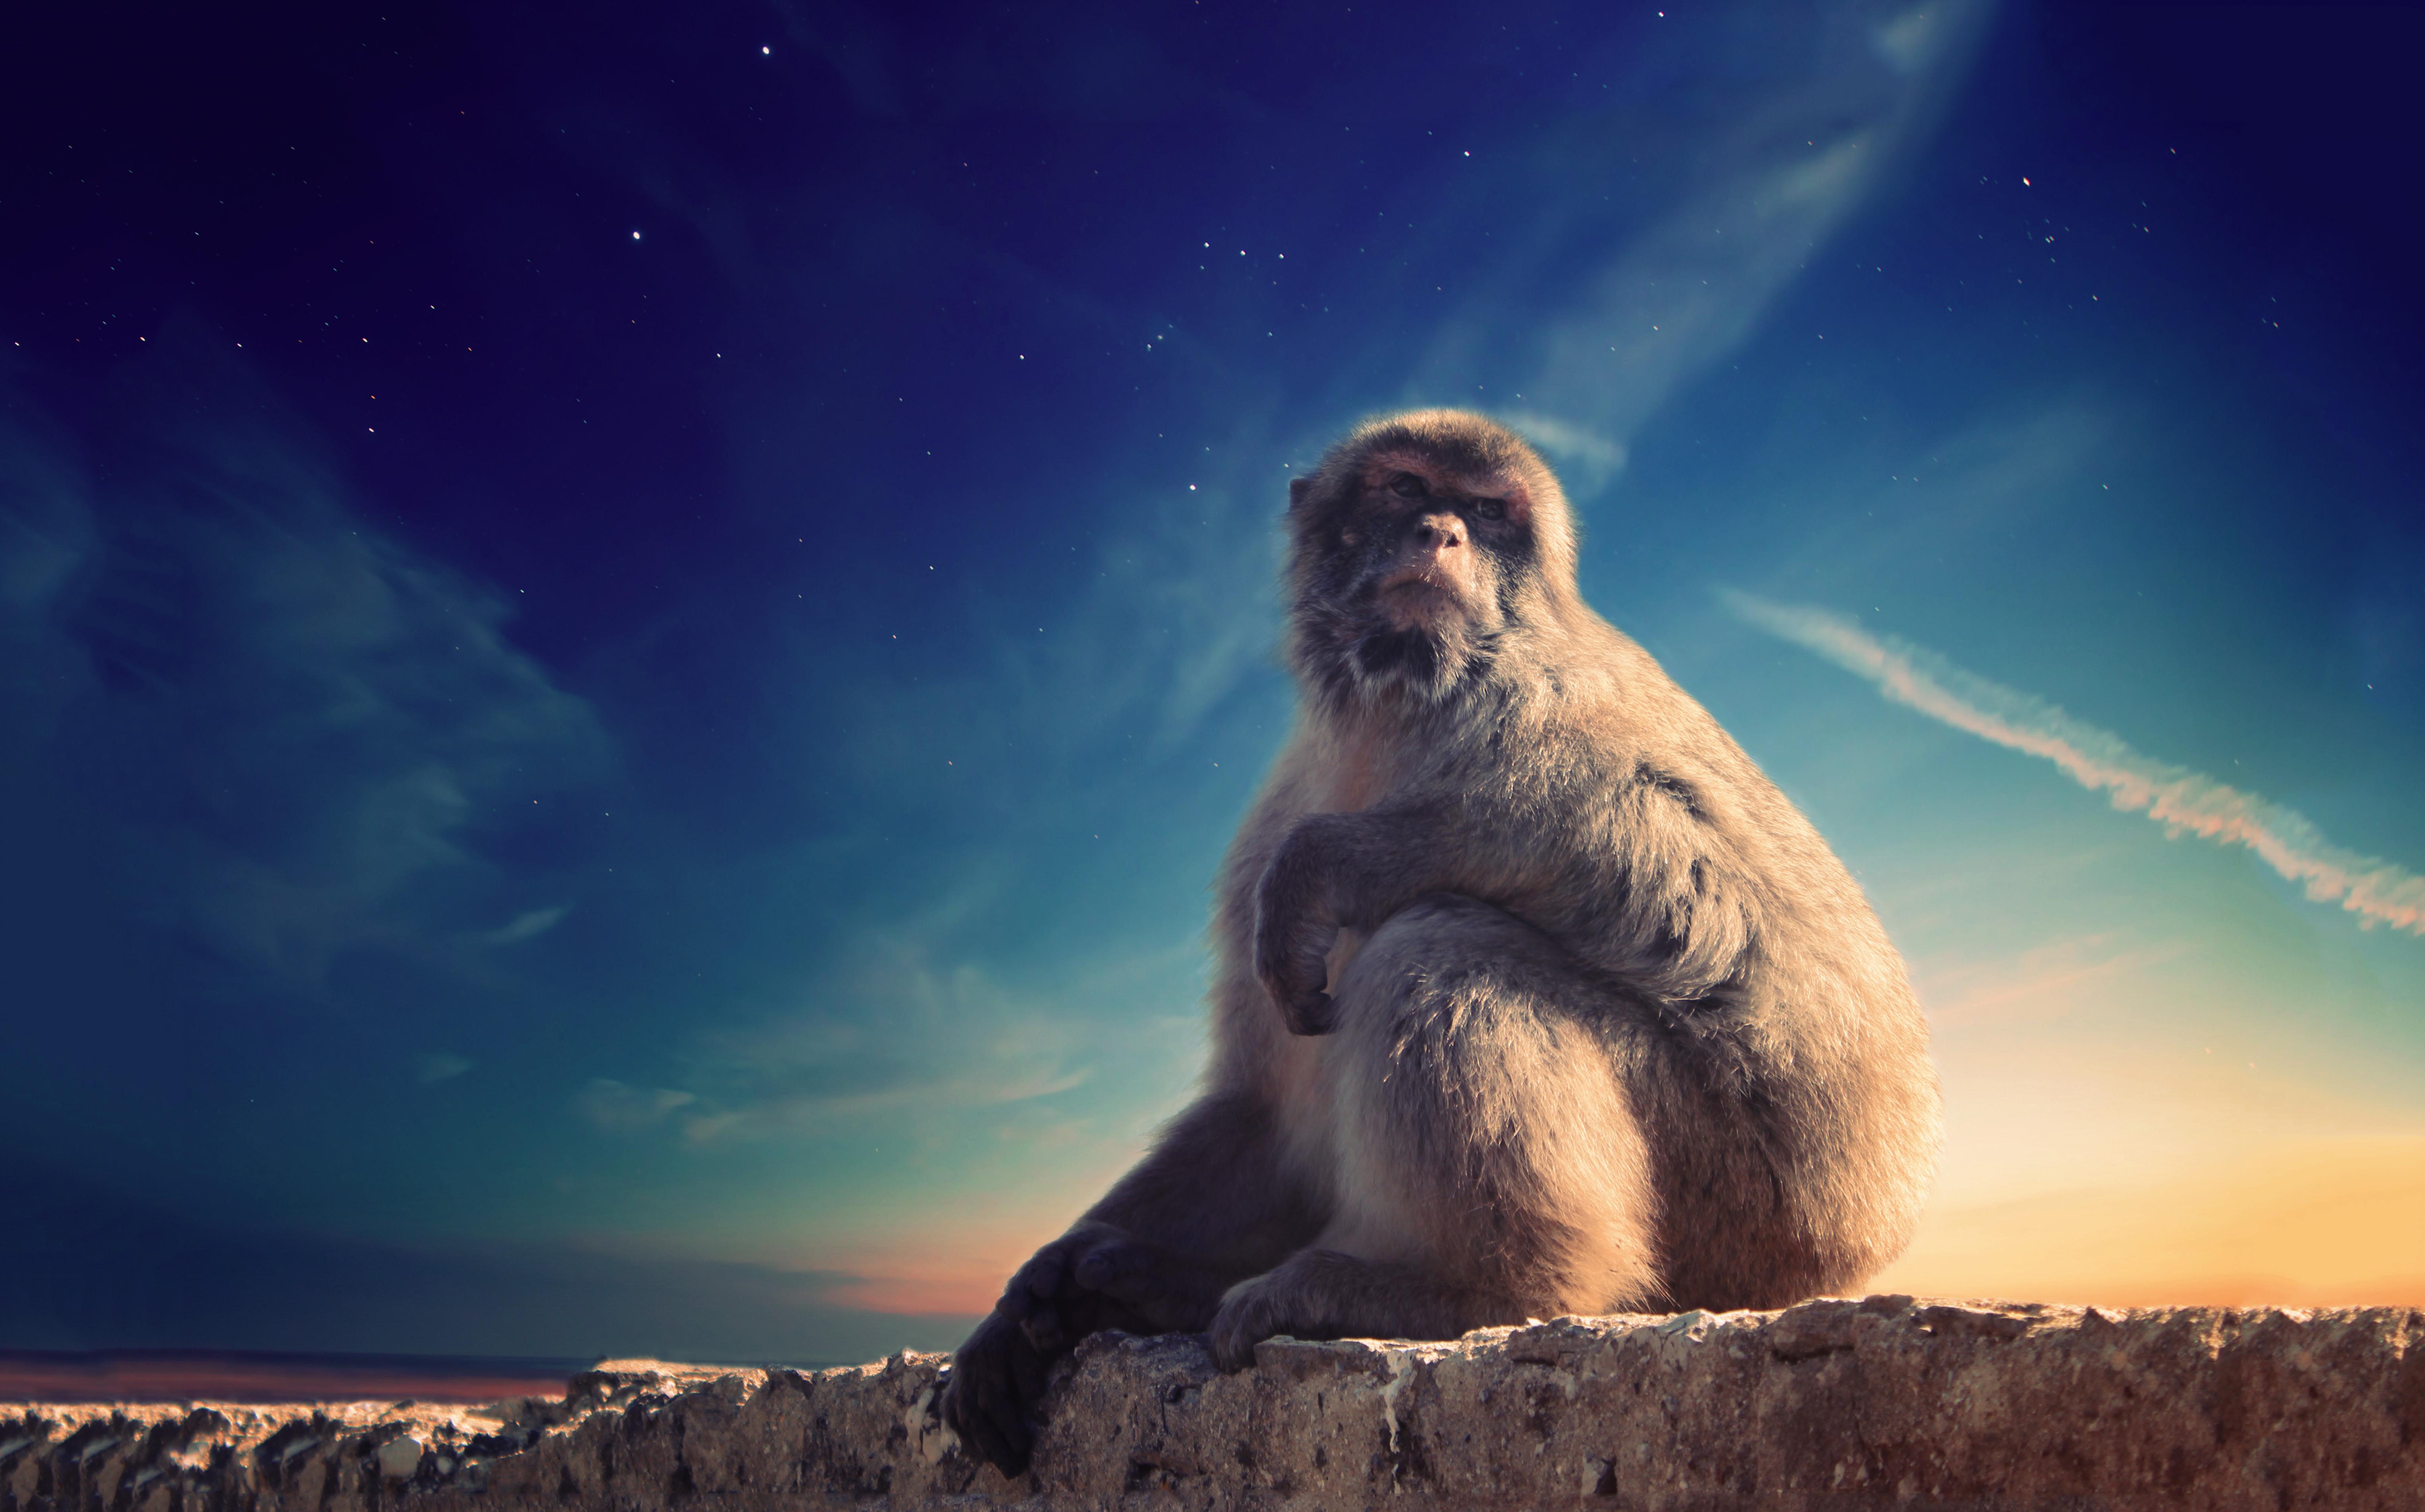 Hình Ảnh : Đá, Bầu Trời, Thú Vật, Động Vật Hoang Dã, Con Khỉ, Ngoài Trời,  Hình Nền Máy Tính 6106x3808